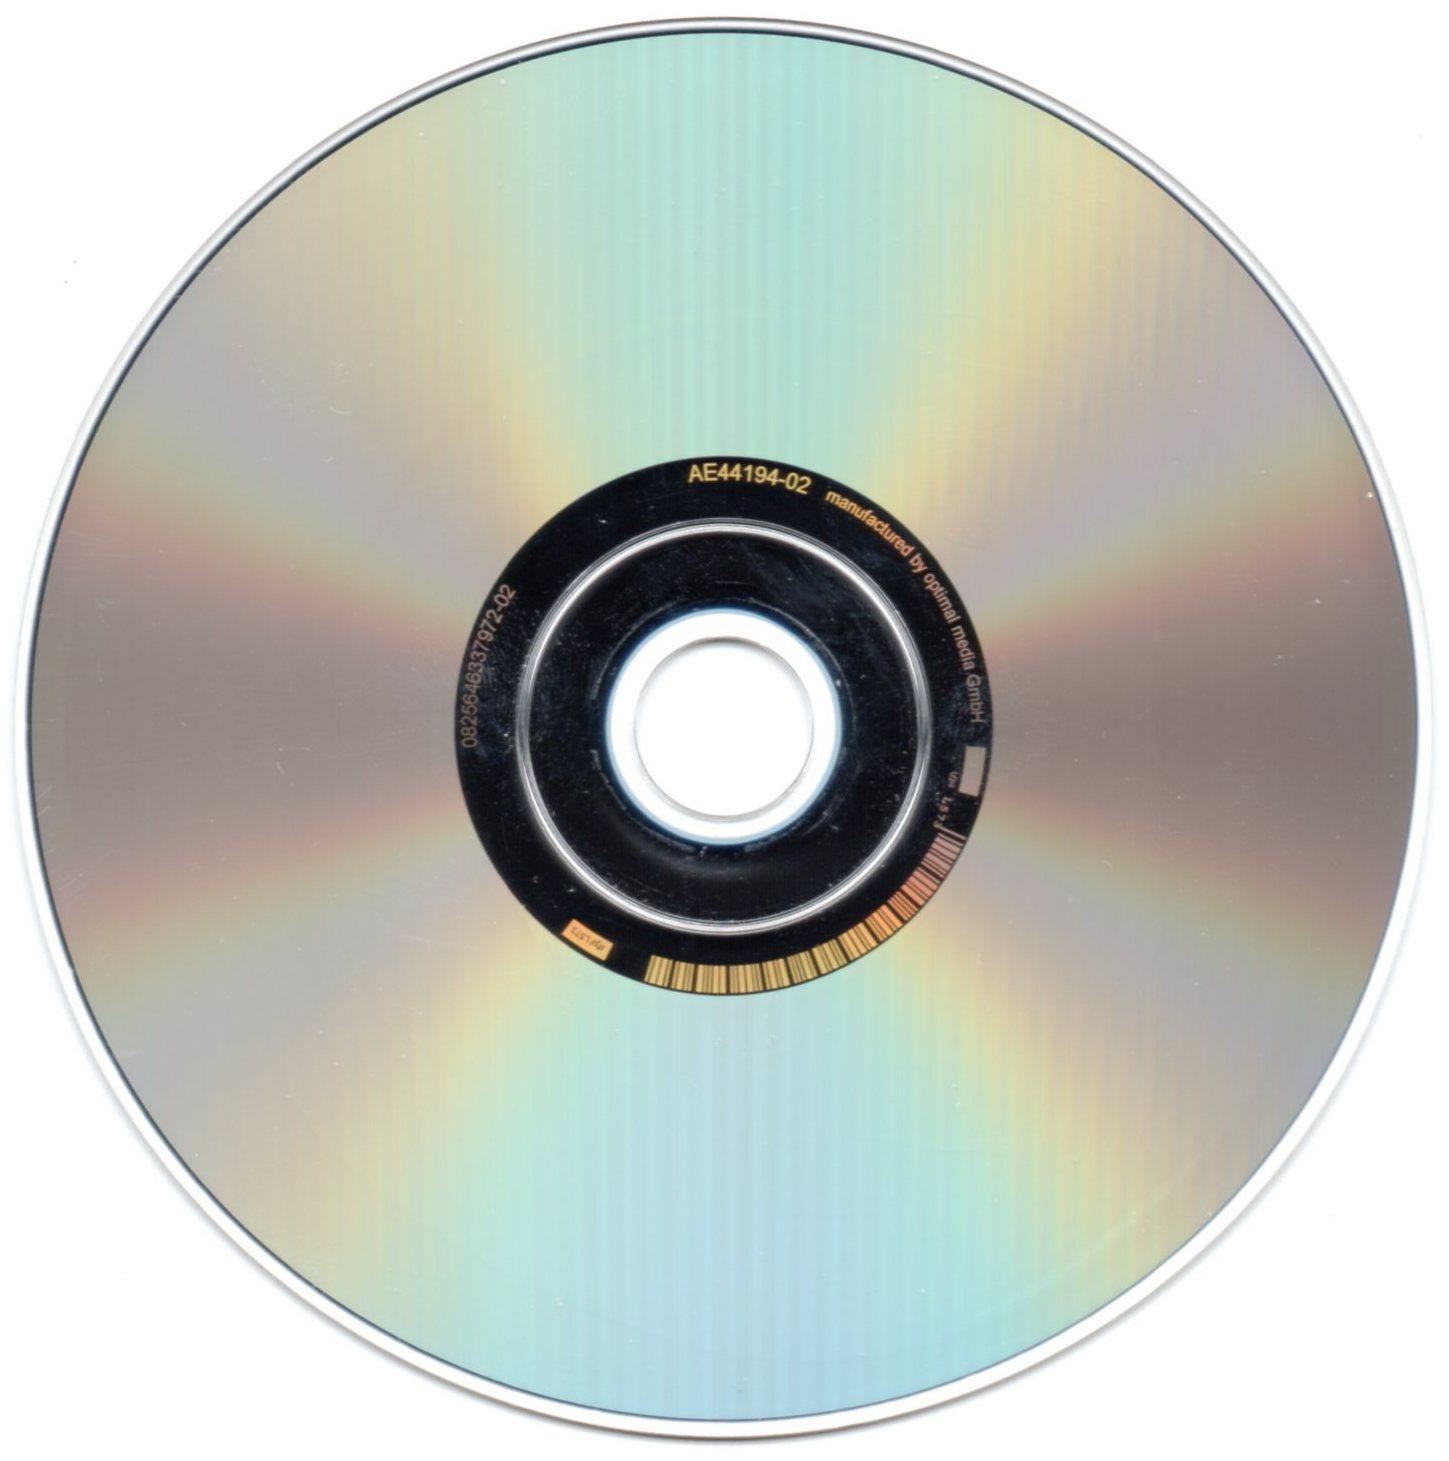 CD 2 verso